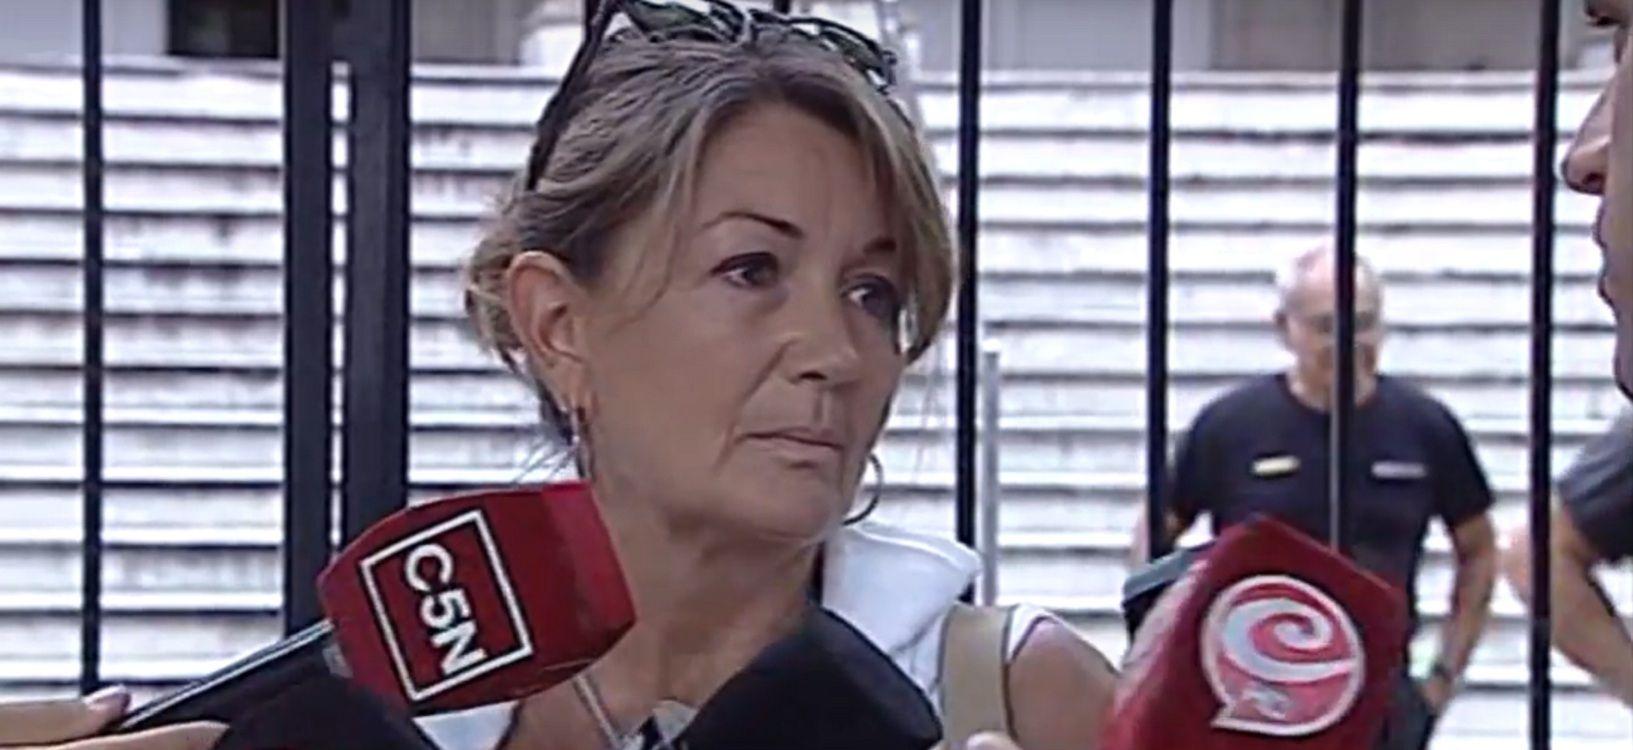 La fiscal habló tras el hallazgo del cuerpo de Gissella: No es el fin de la investigación sino el principio